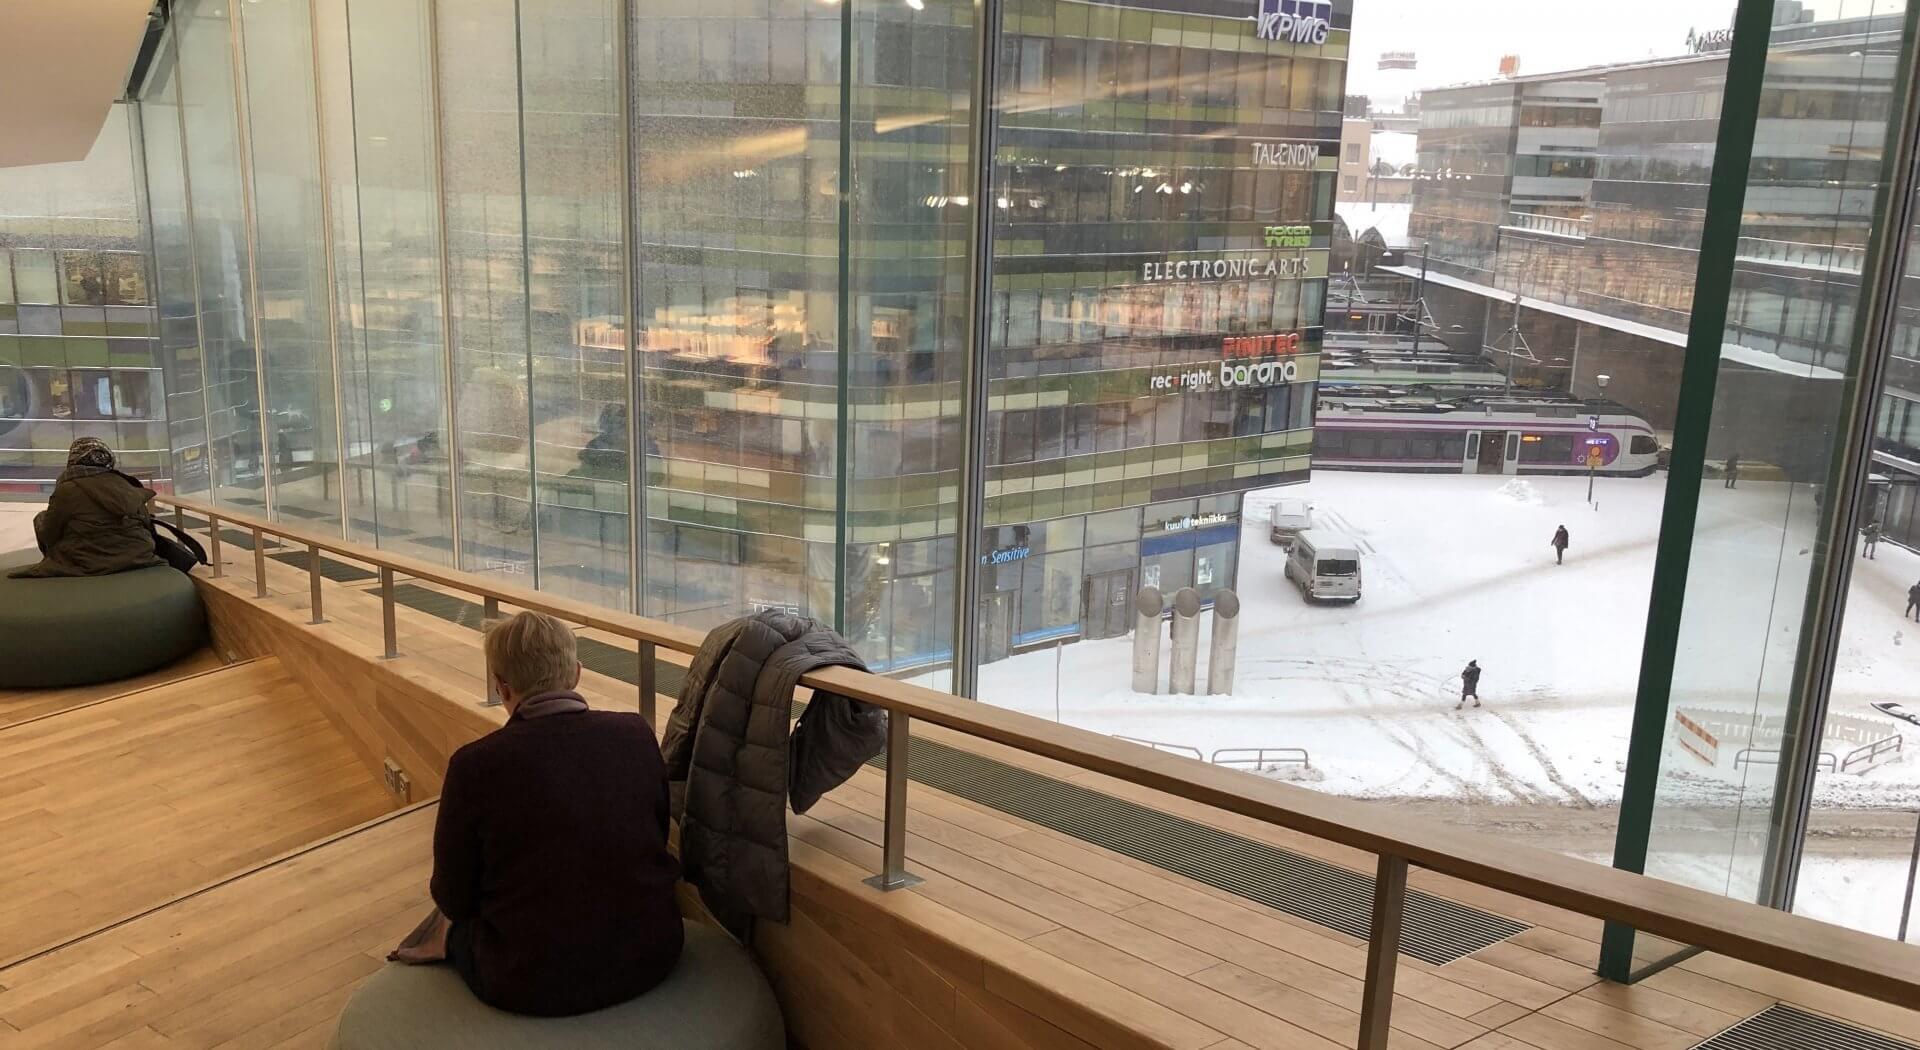 3階では丸い座椅子に座って、外の景色を楽しみながら読書ができる